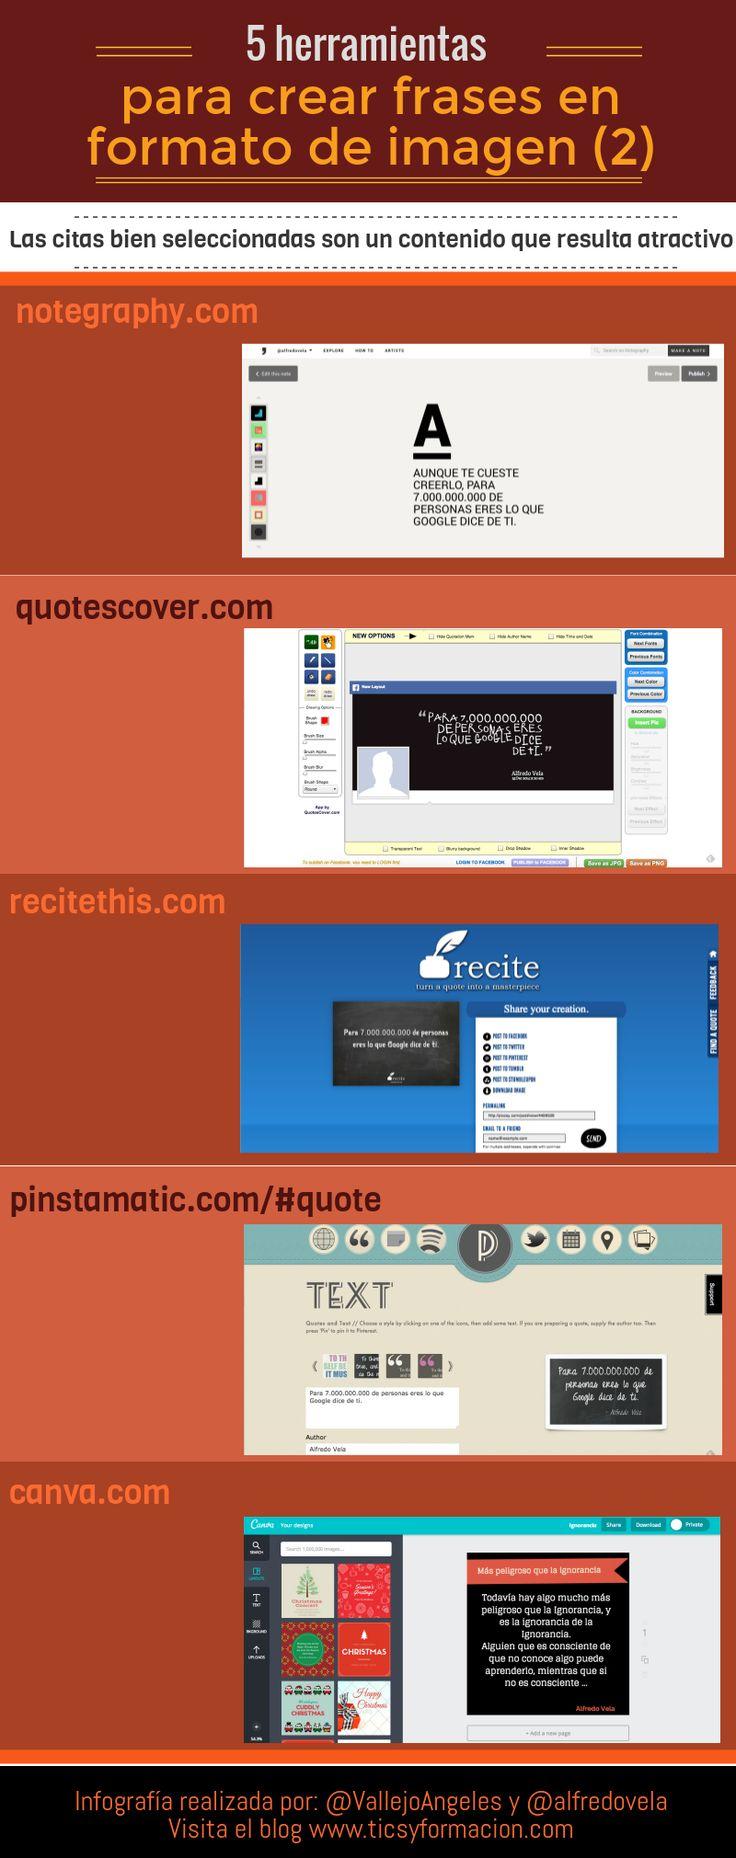 5 herramientas online para crear frases en formato de imagen (2). #infografia